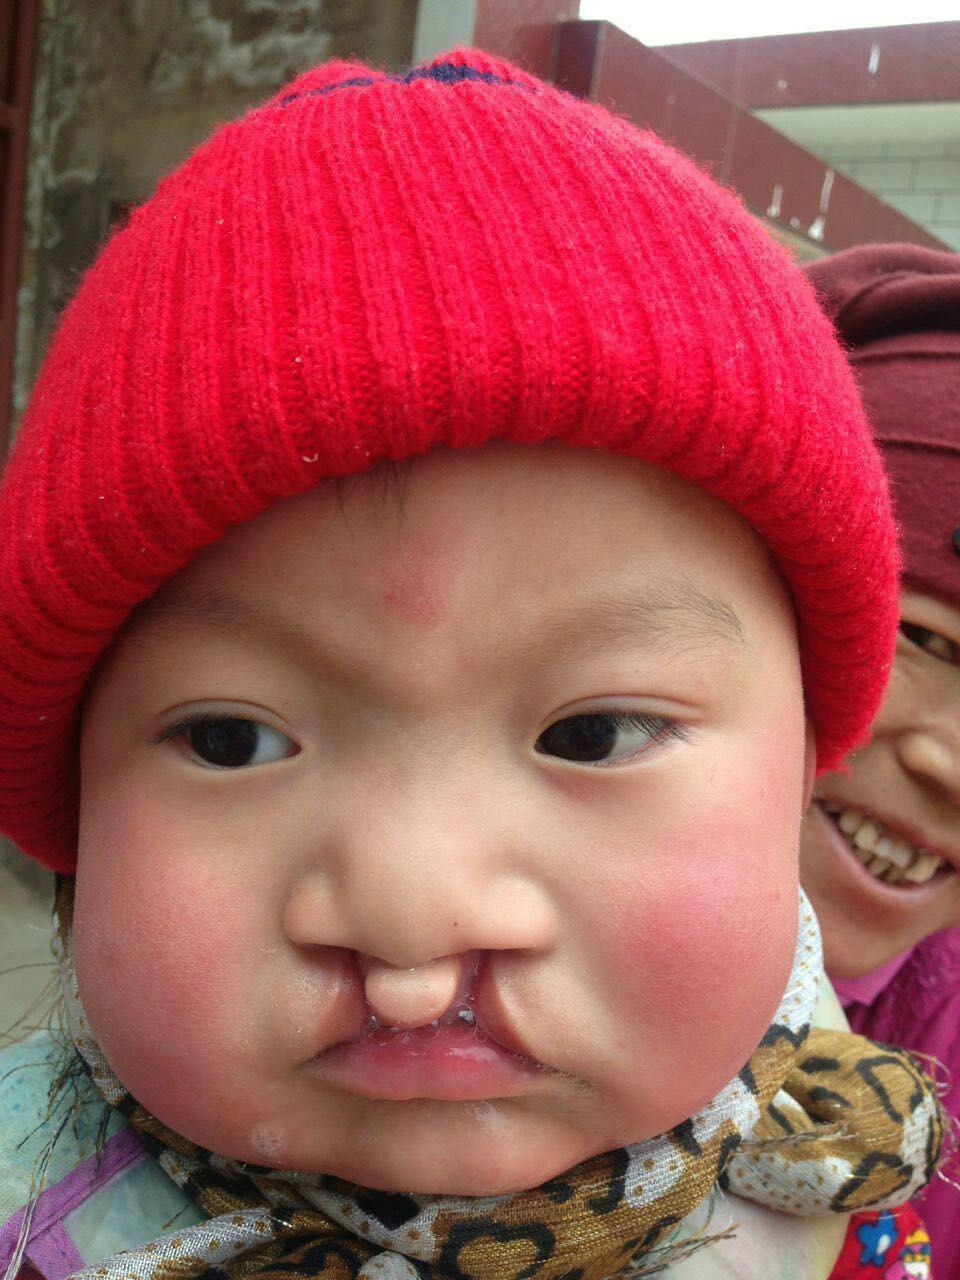 可爱中国小孩图片